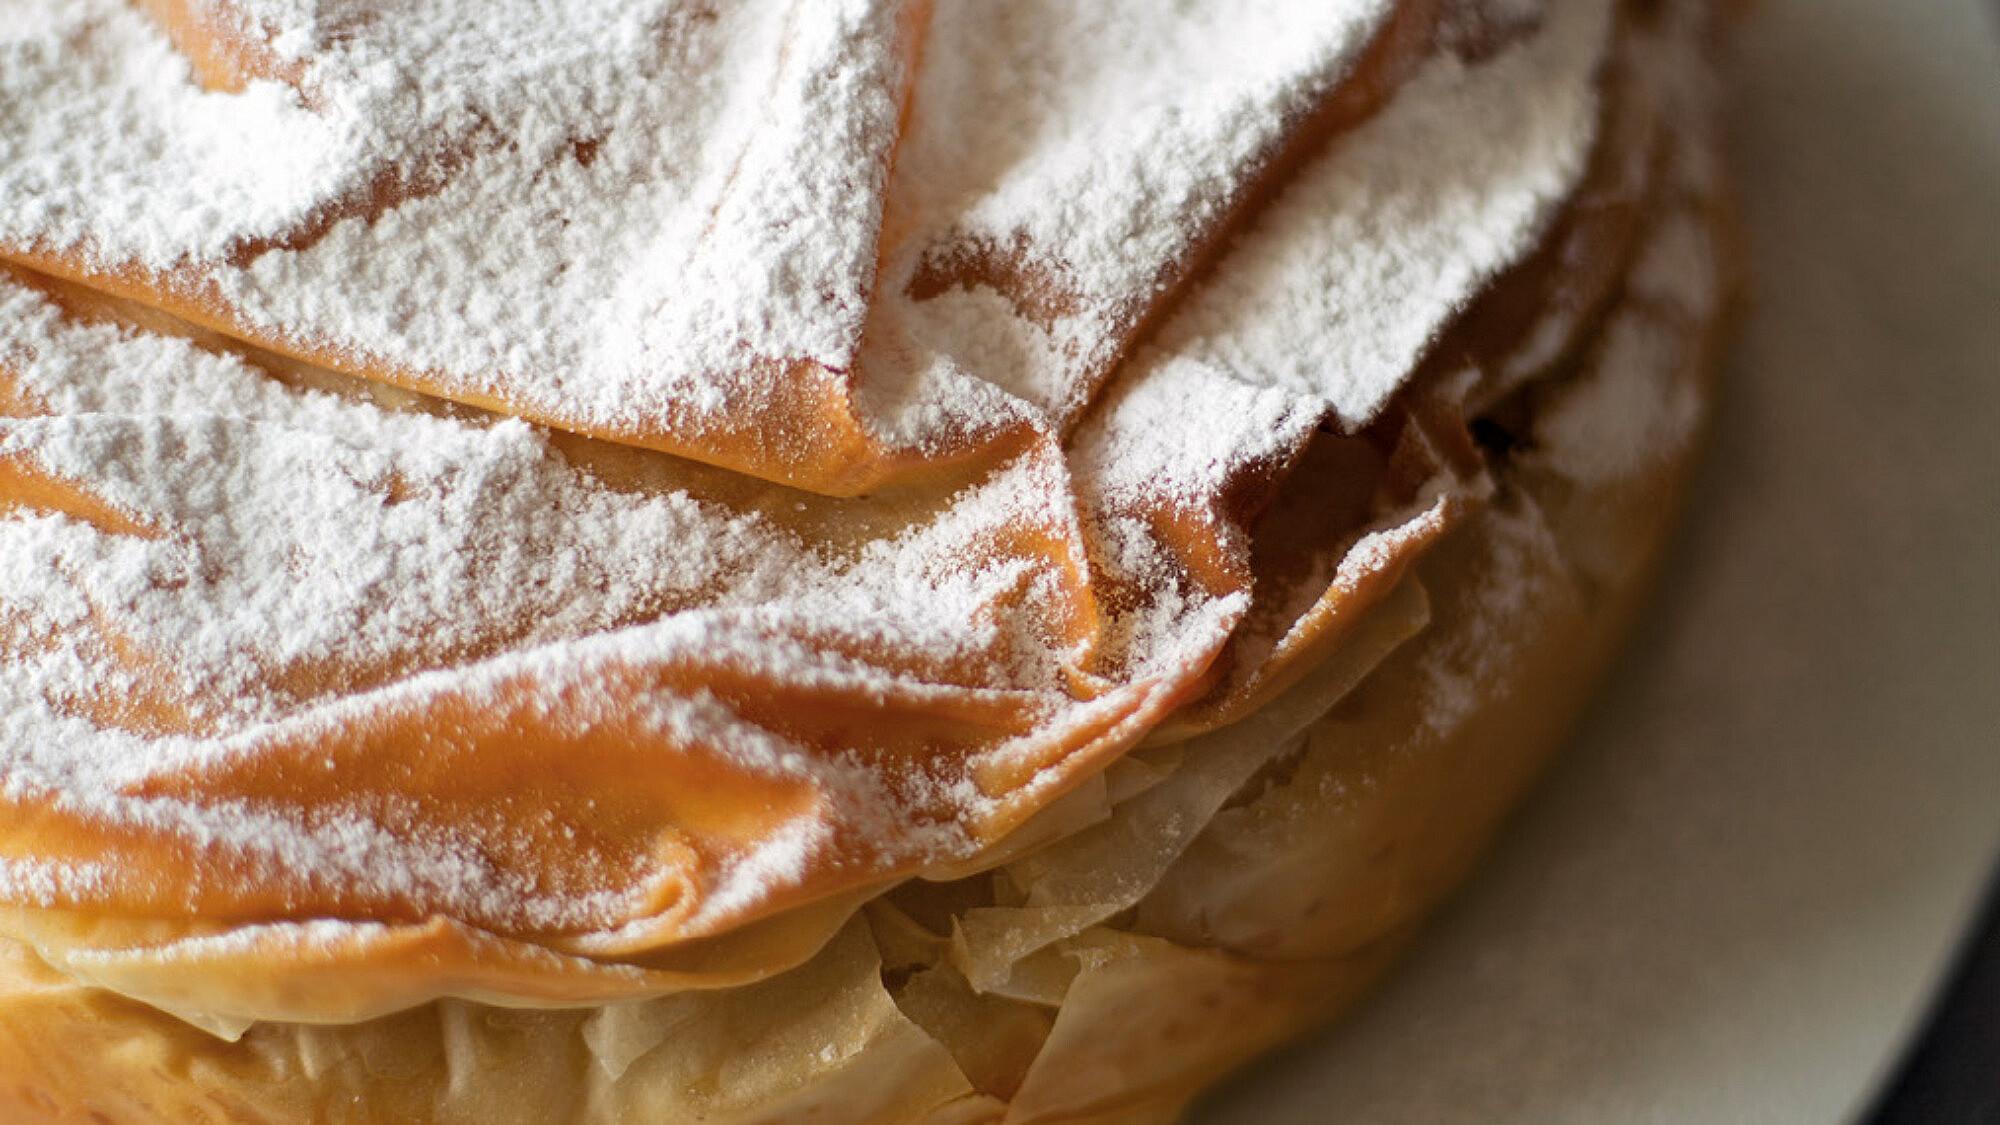 עוגת גבינה חמה בעלי פילו של קרן אגם. צילום קרן אגם